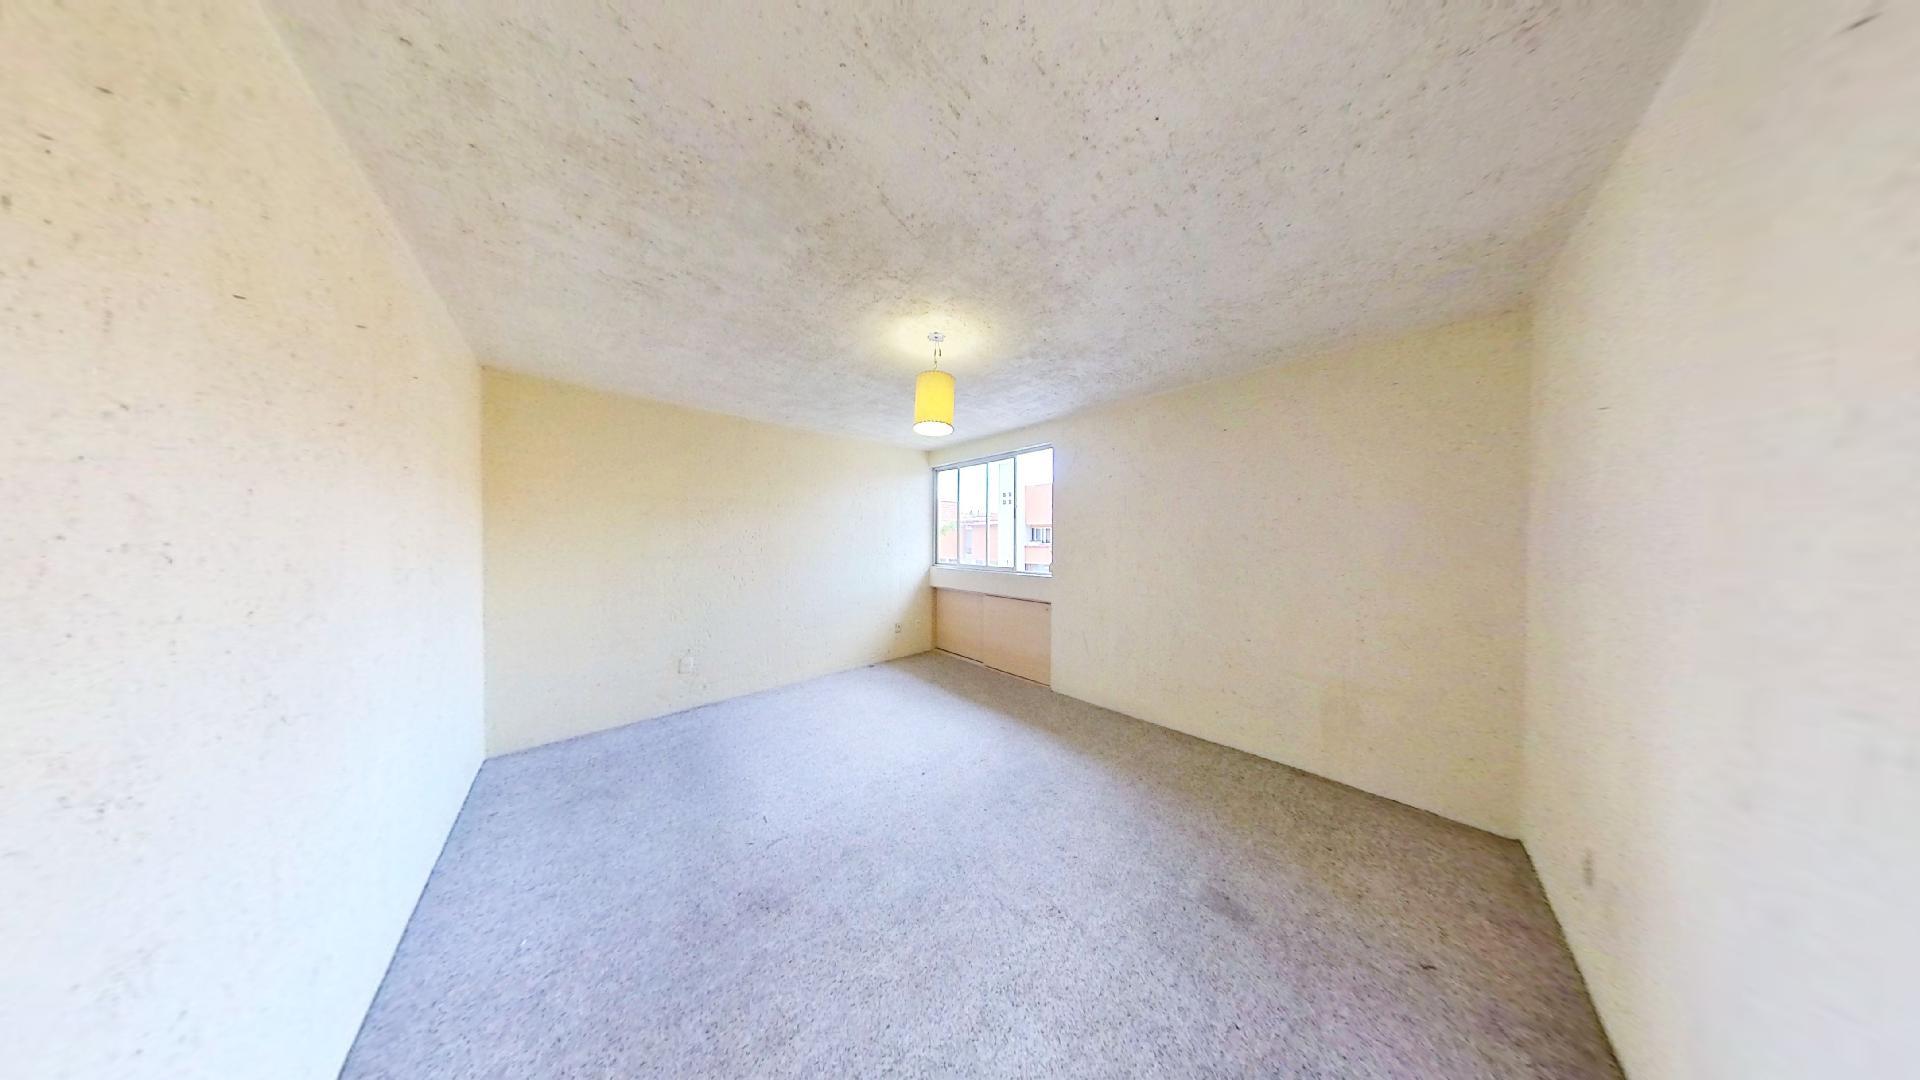 Casa en venta de 3 recámaras en Condominio Los Fresnos, Naucalpan de Juárez, entre Lomas Verdes y Jardines de San Mateo, EDOMEX. Recámara Principal